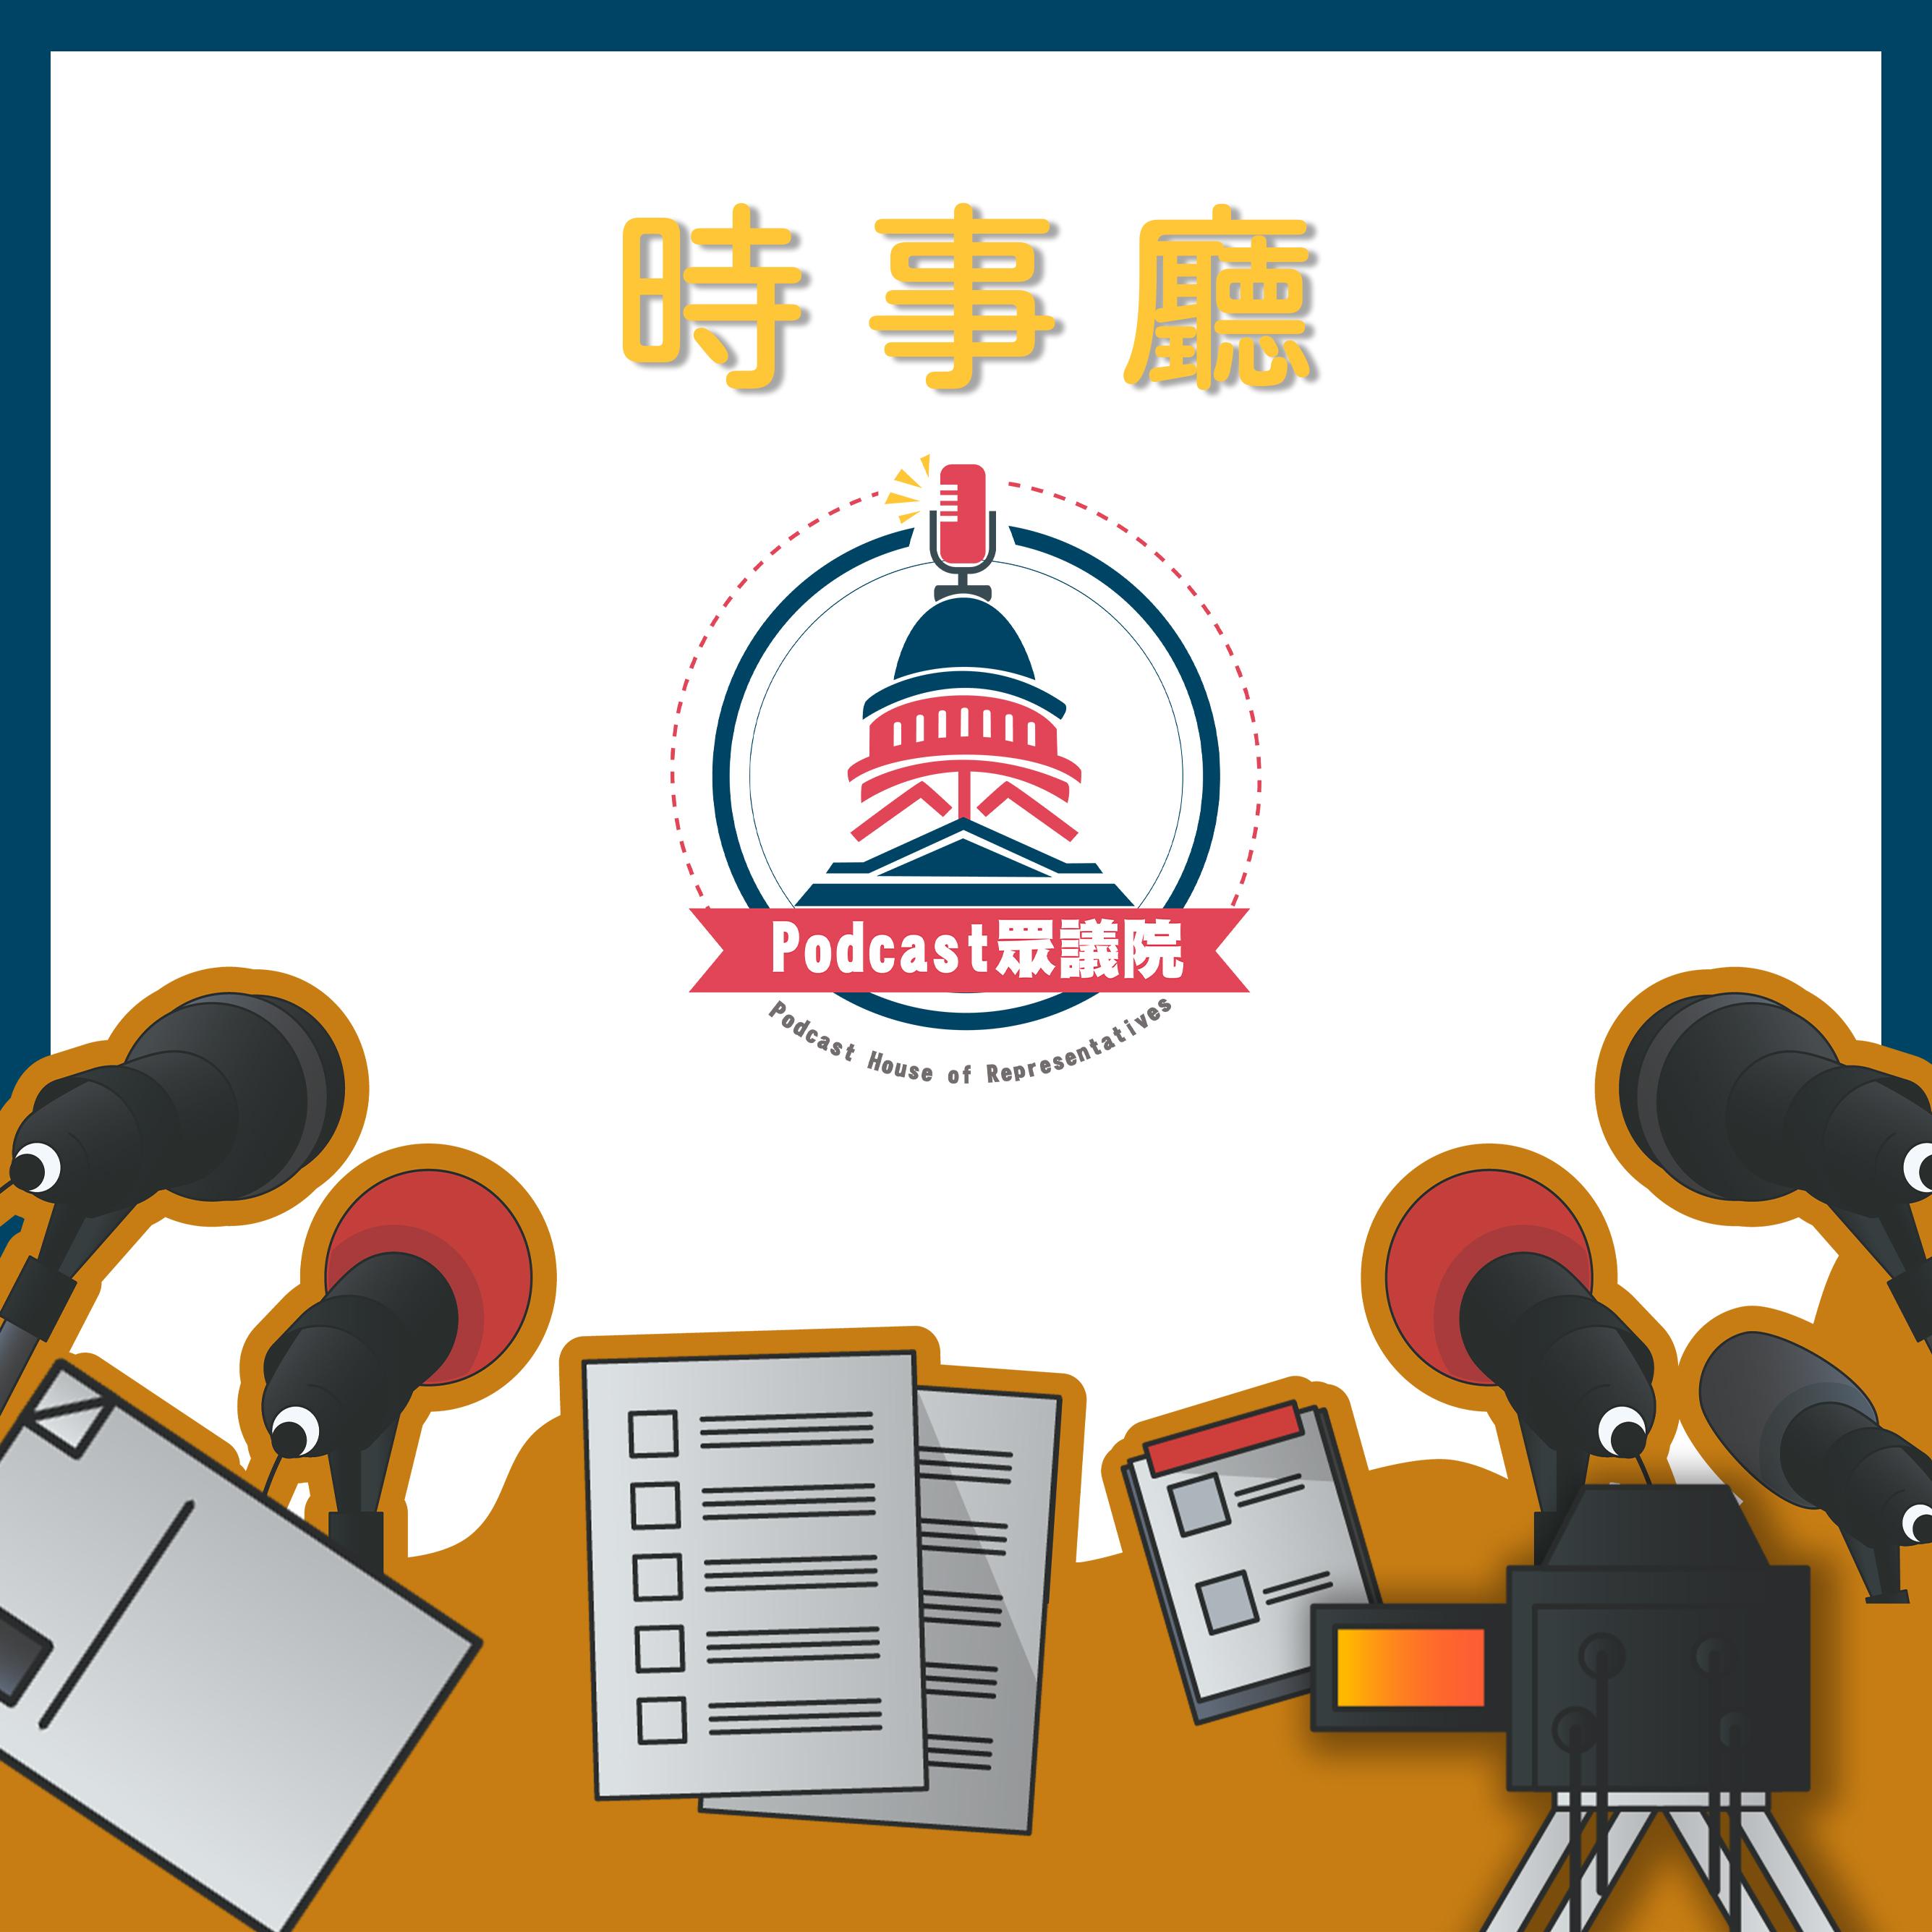 本週只聊台鐵,不罵人好好討論事情,除了講幹話的KMTer以外【時事廳】S1E8|Podcast眾議院